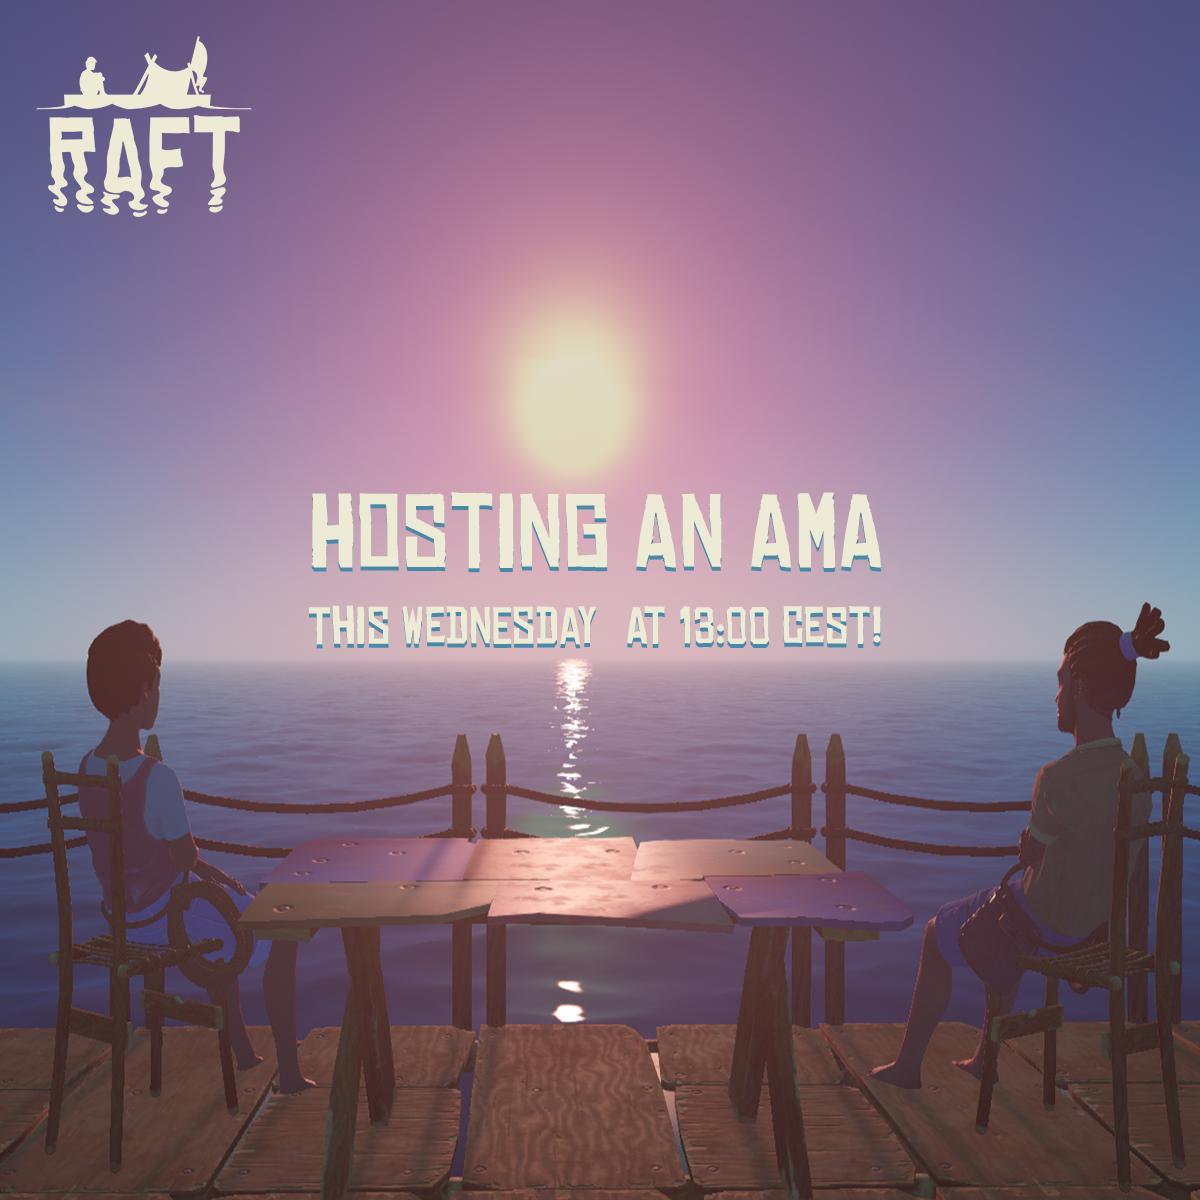 Raft on Twitter: